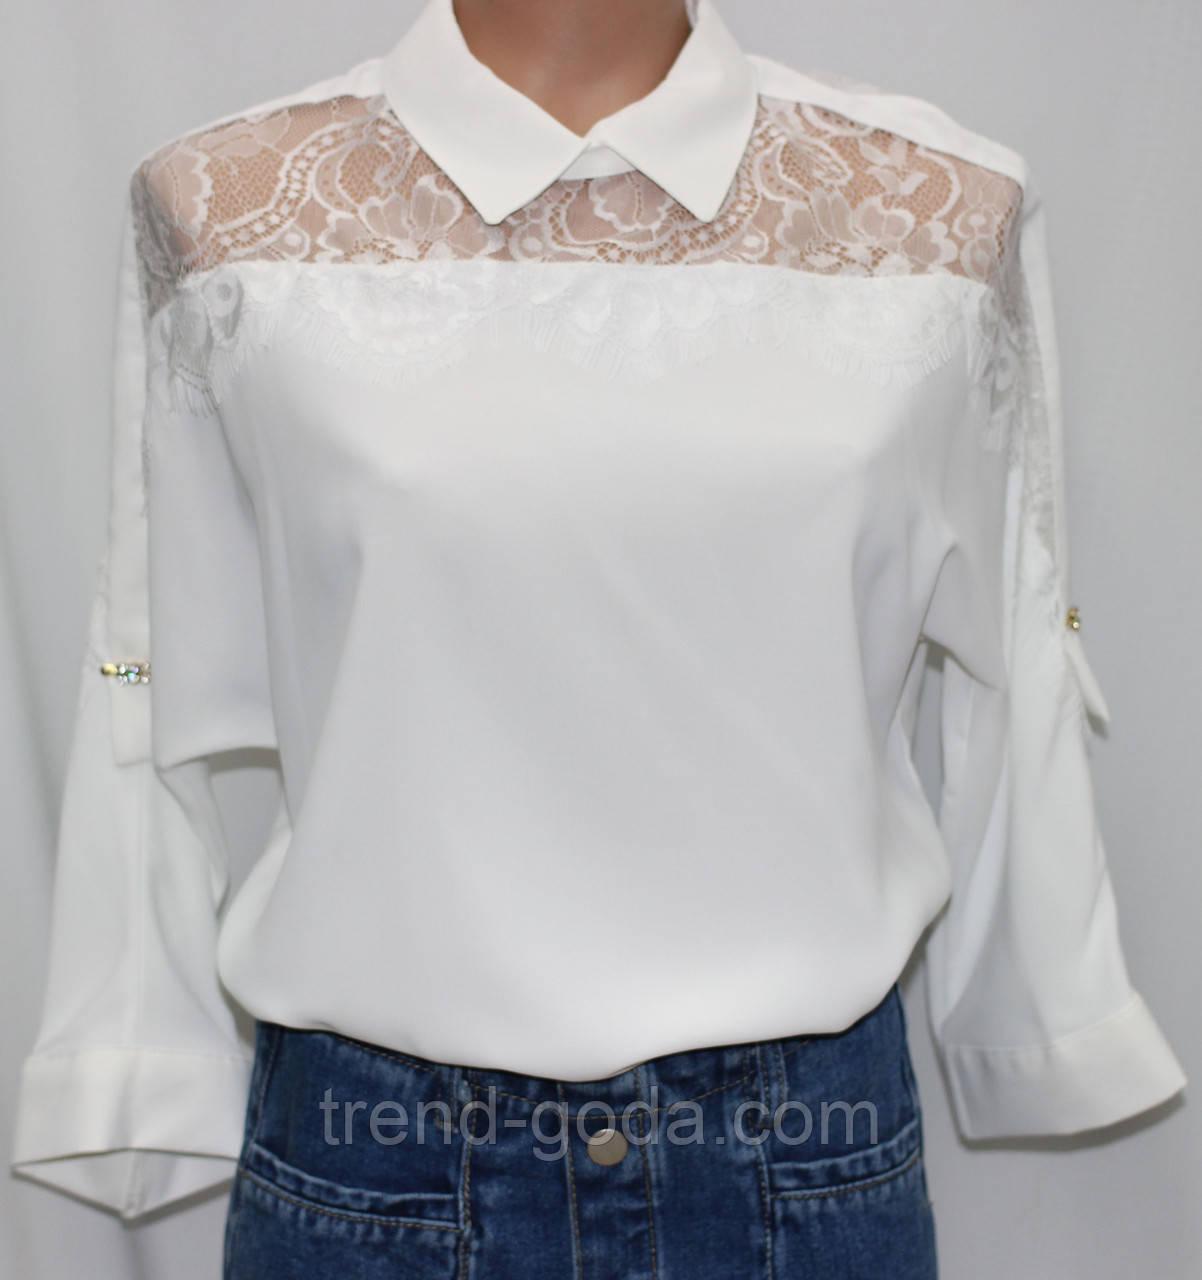 Блуза женская стильная белая, шифон с кружевом, Турция